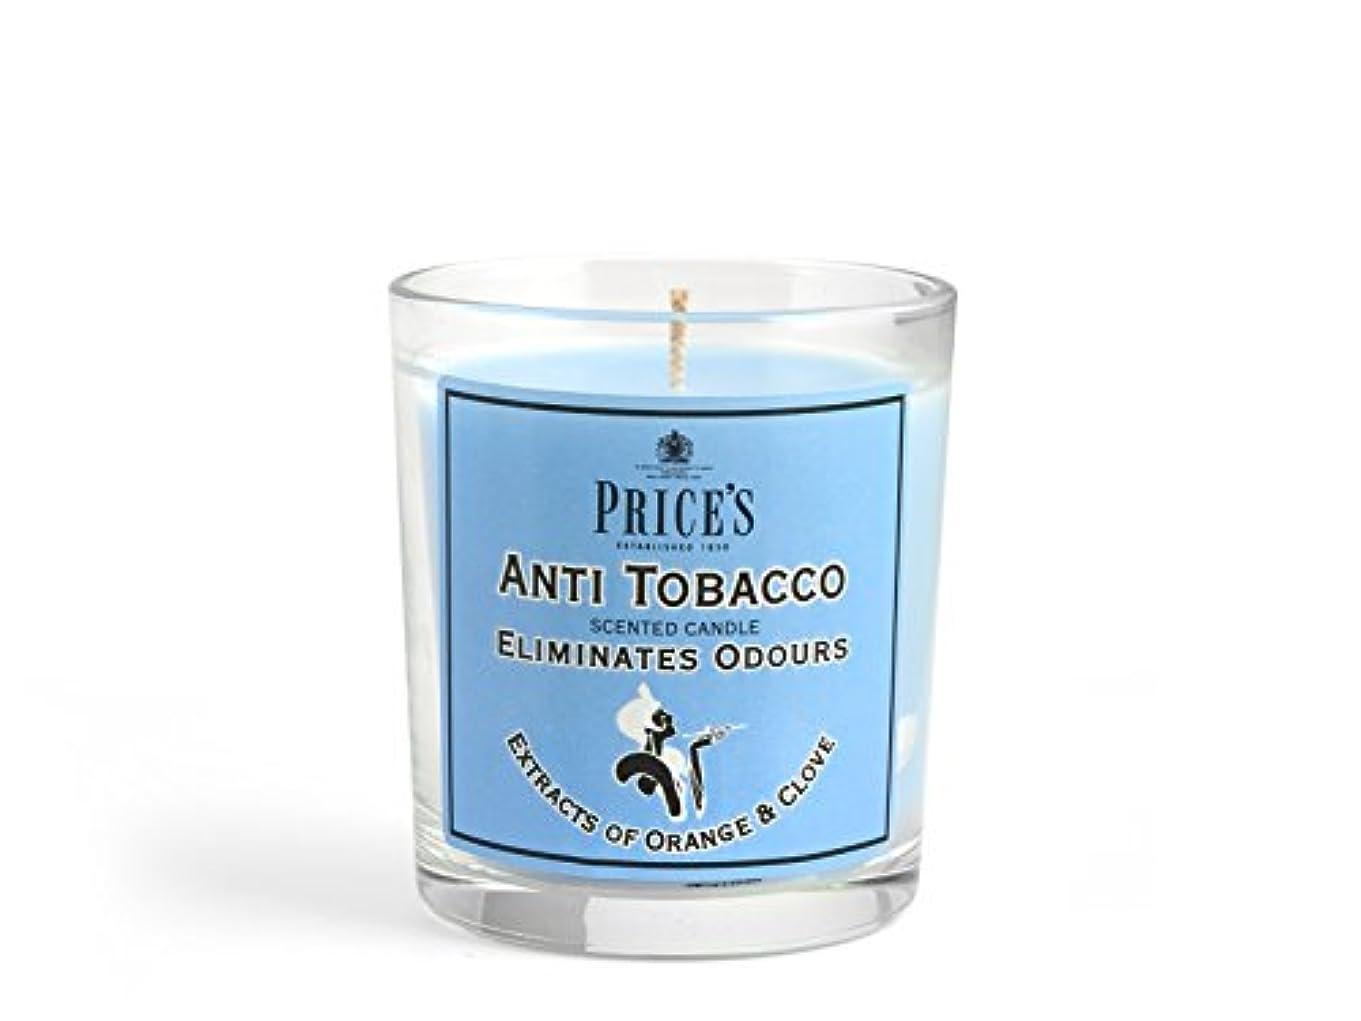 セレナ飲み込むチューリップPrice′s(プライシズ) Fresh Air CANDLE TIN Jar type (フレッシュエアー キャンドル ジャータイプ) ANTI TABACCO (アンチタバコ)